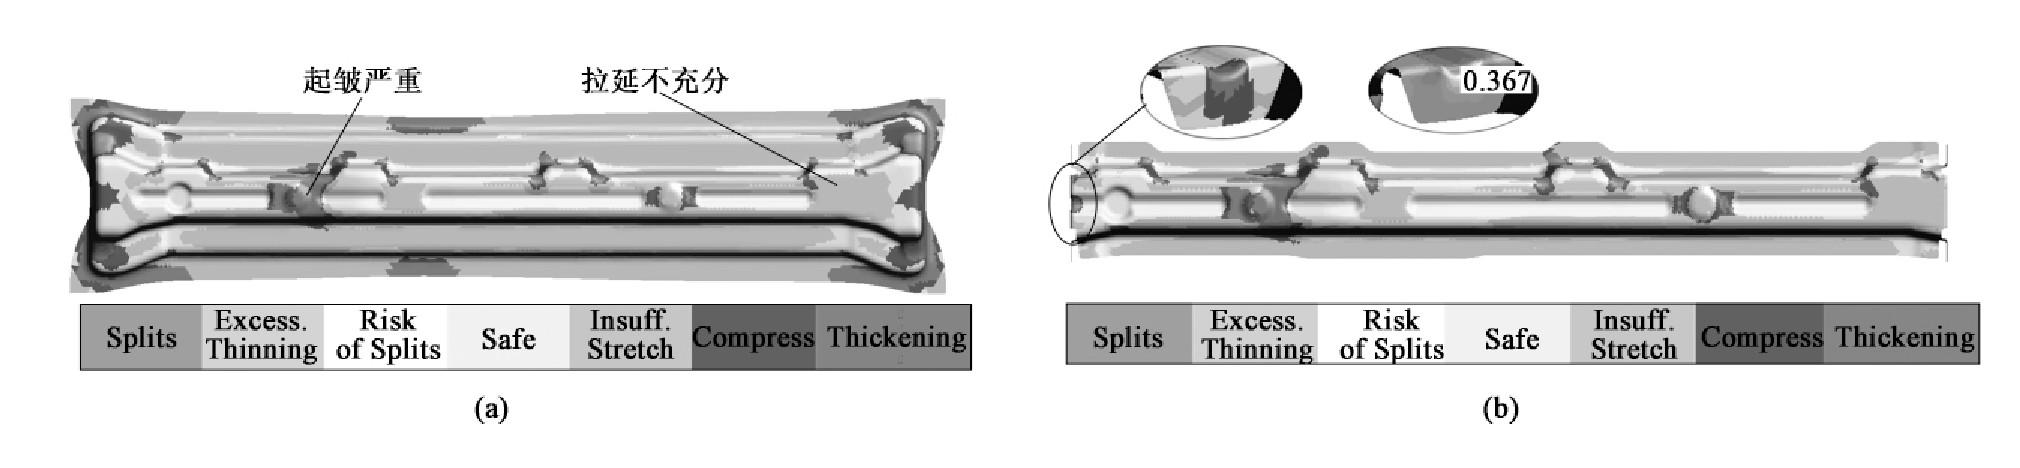 图4 成形缺陷